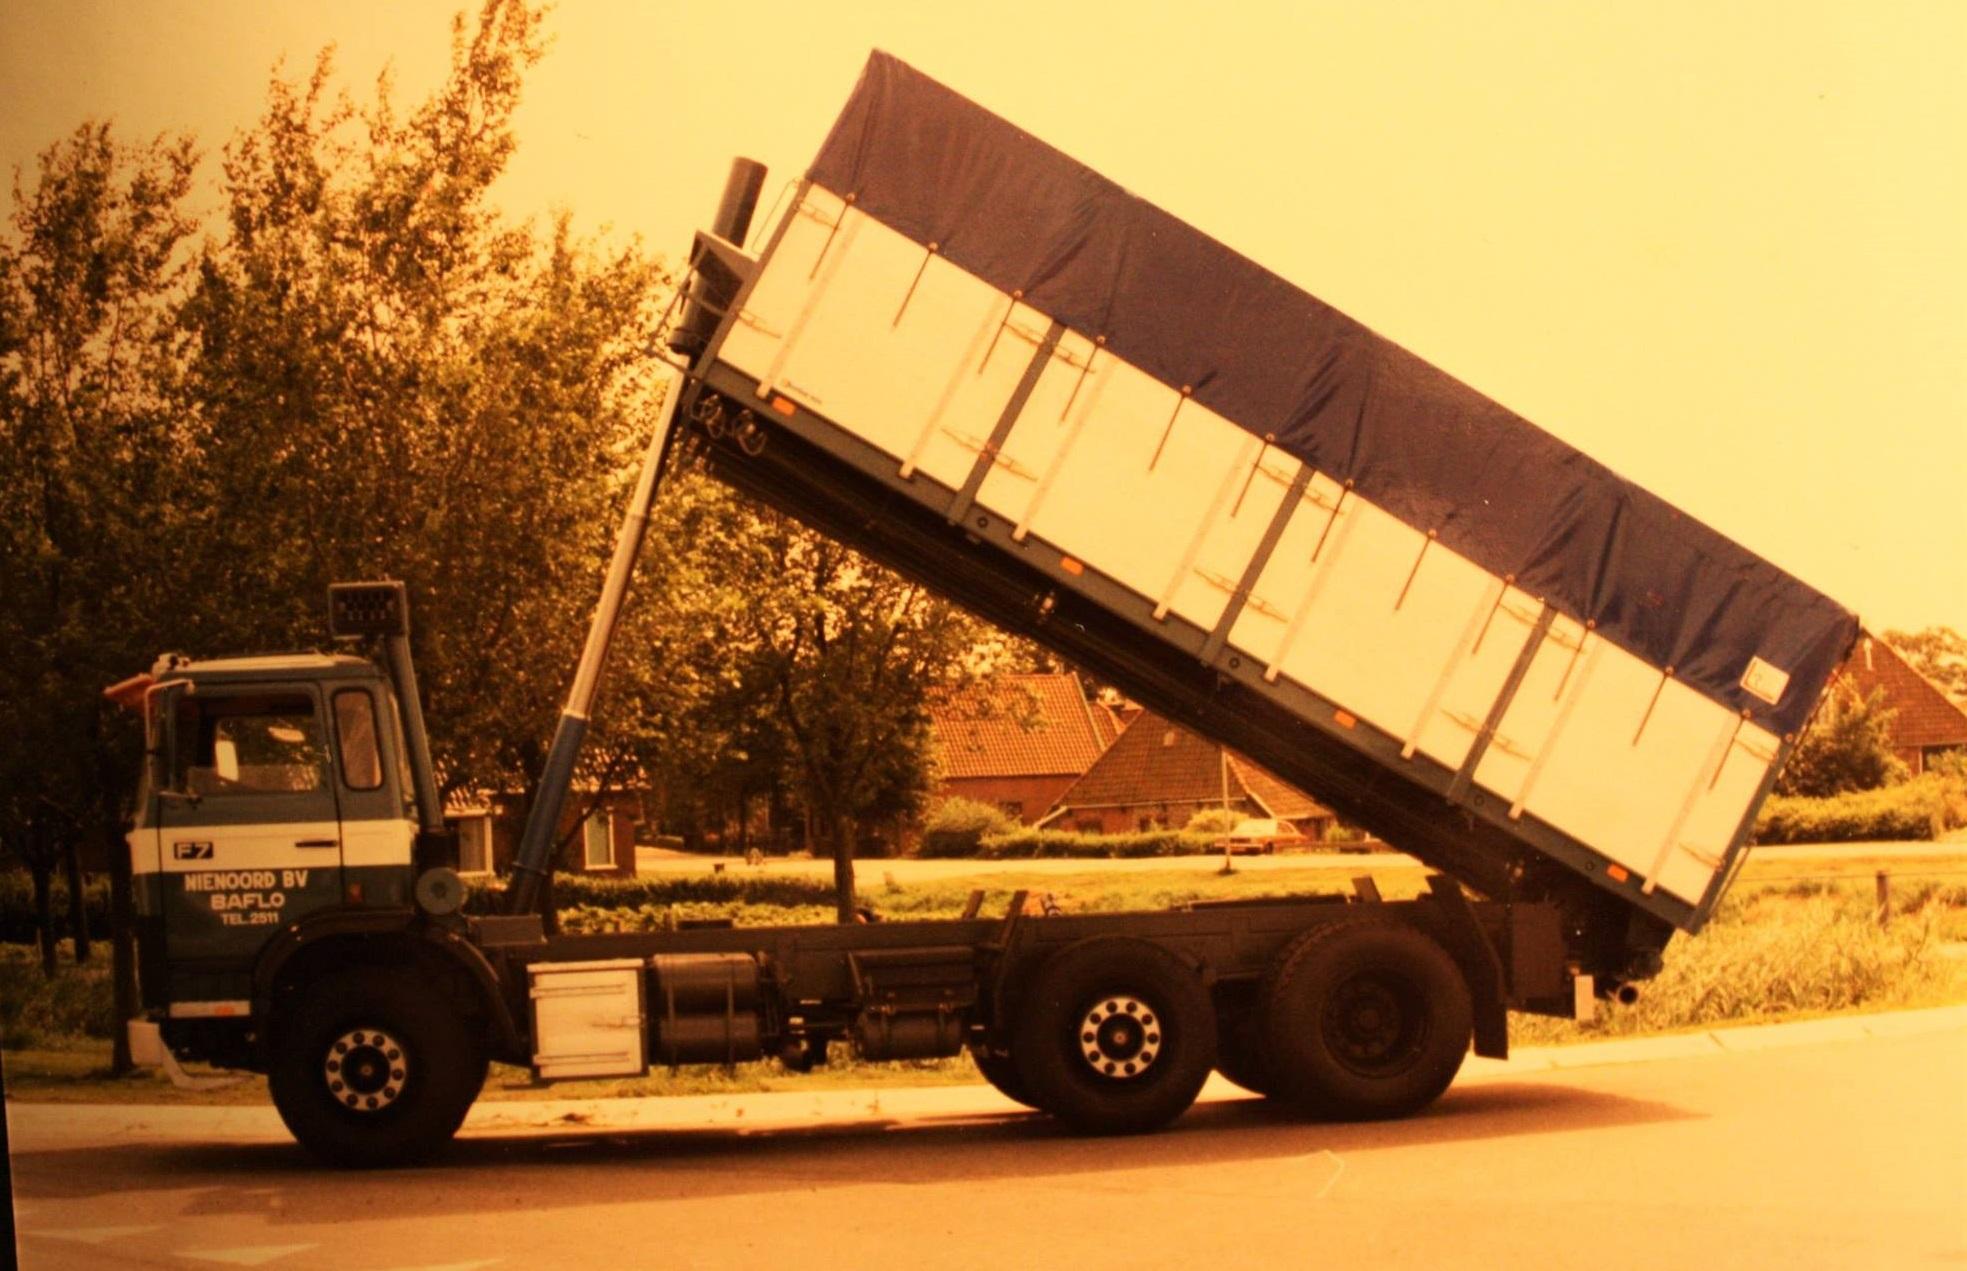 Volvo-F7--bulkauto-is-gebouwd-door-Rondaan-voor-Nienoord-BV-uit-Baflo-2